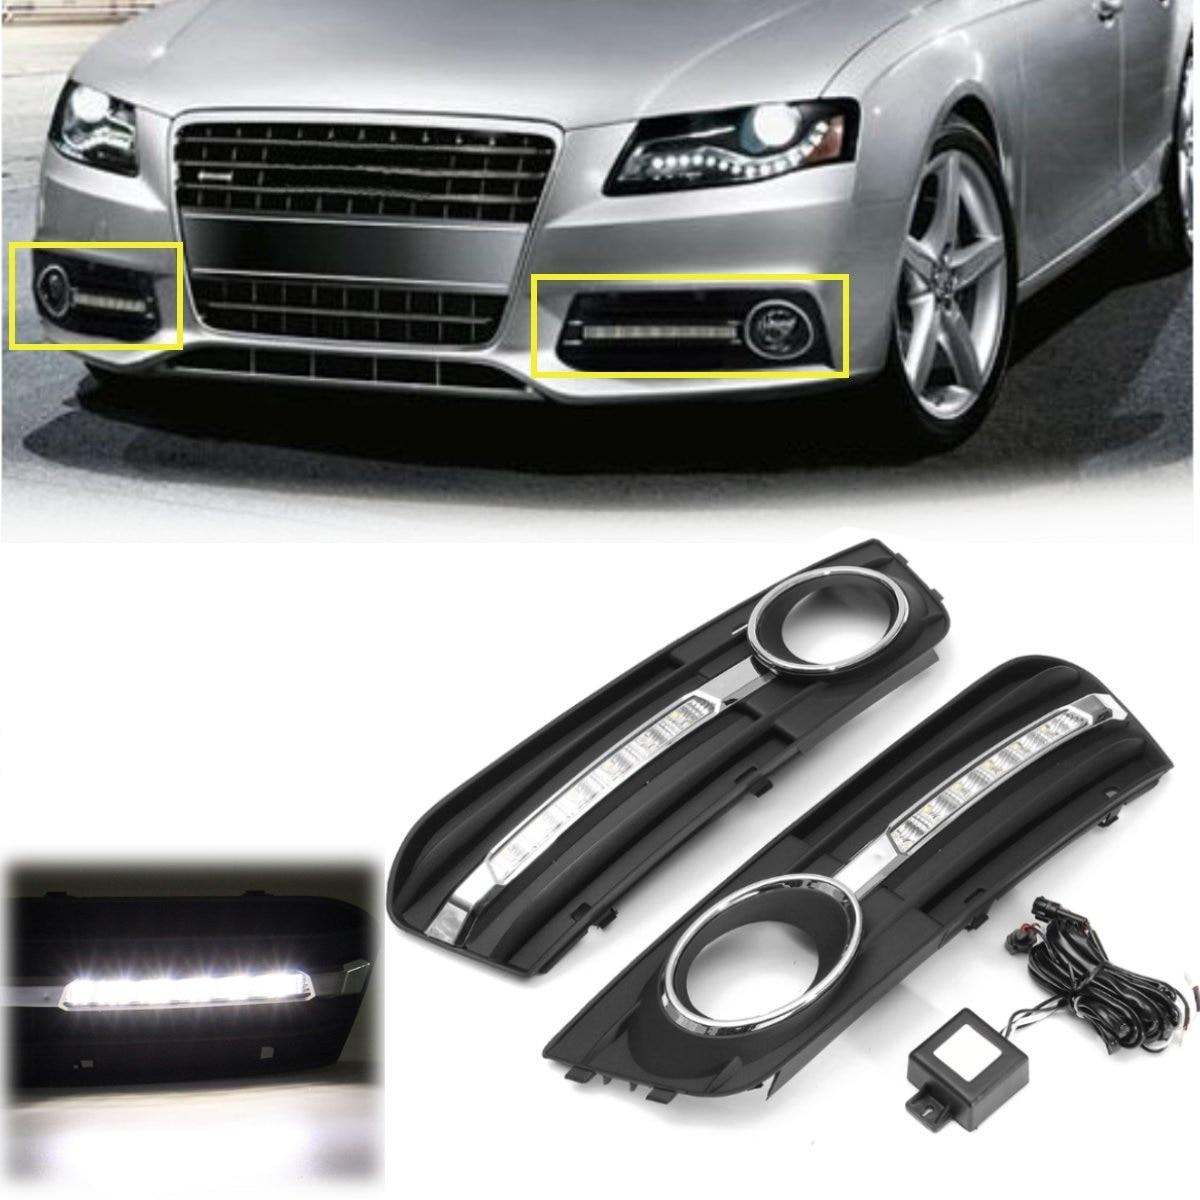 СВЕТОДИОДНЫЙ Автомобильный светильник для Audi A4 2009 2010 2011 2012 автомобильный Стайлинг светодиодный DRL Дневной ходовой светильник Дневной свети